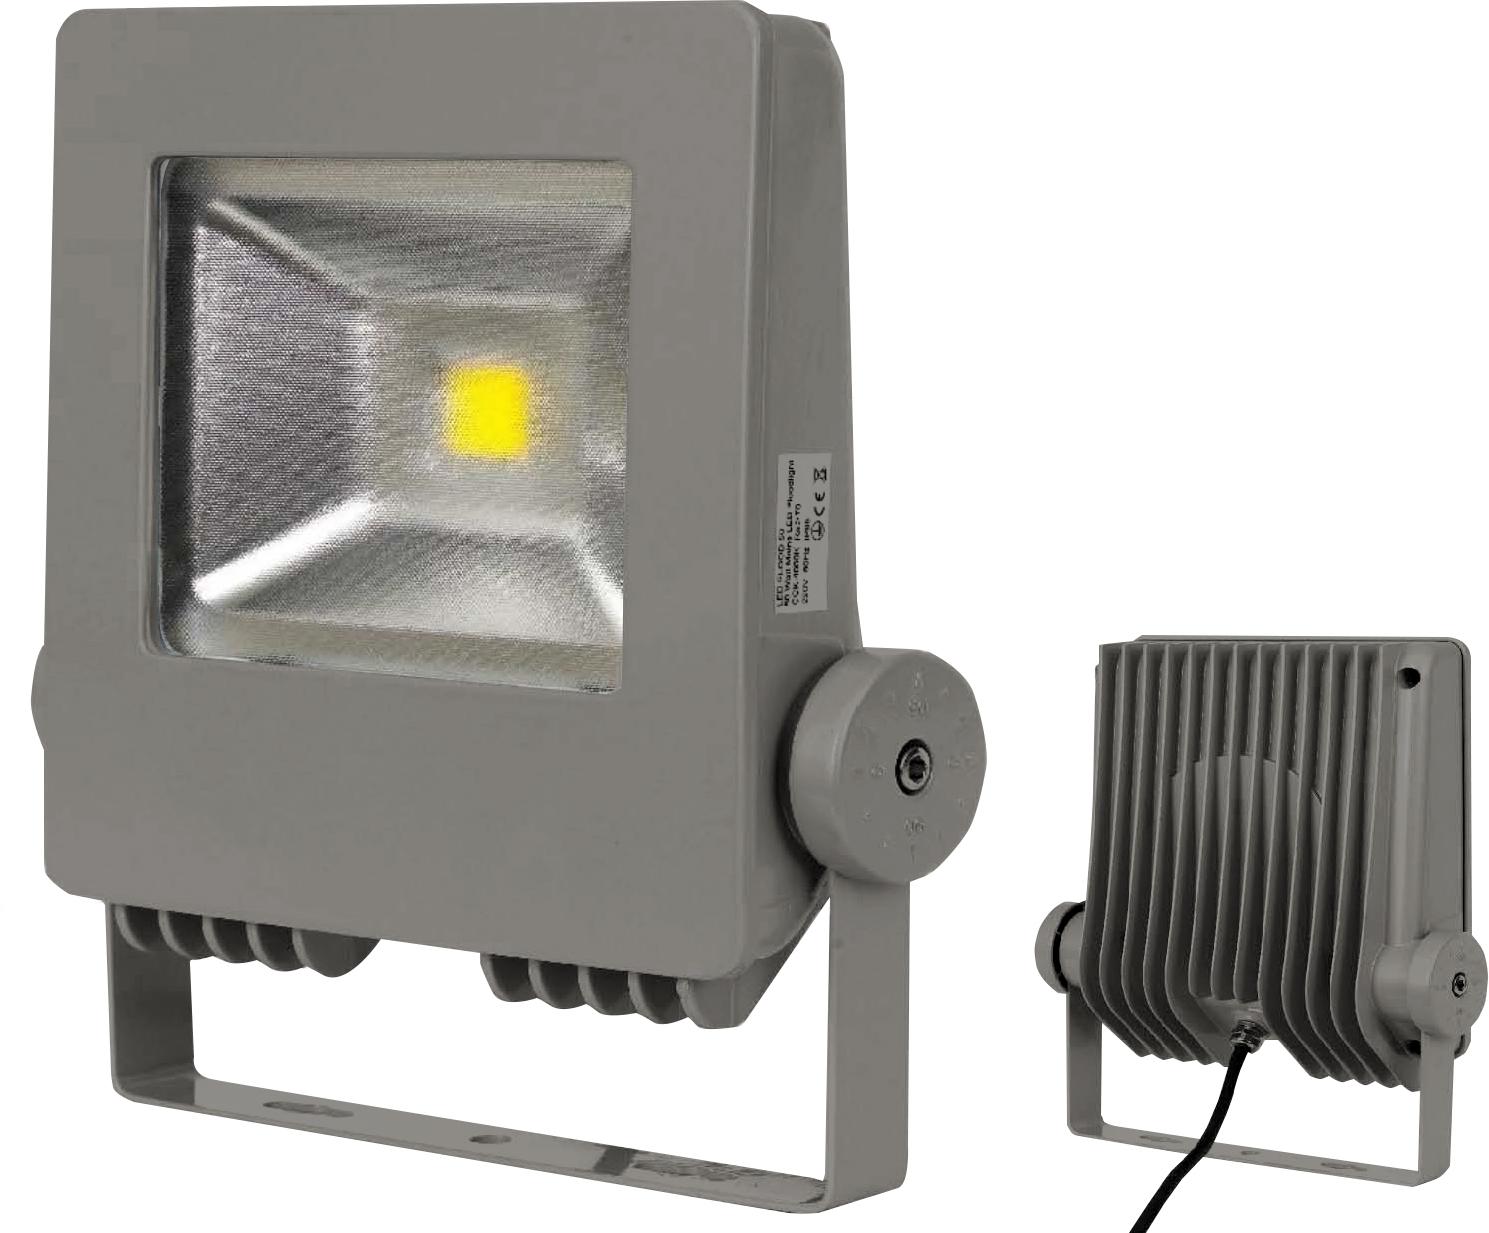 Olly II LED